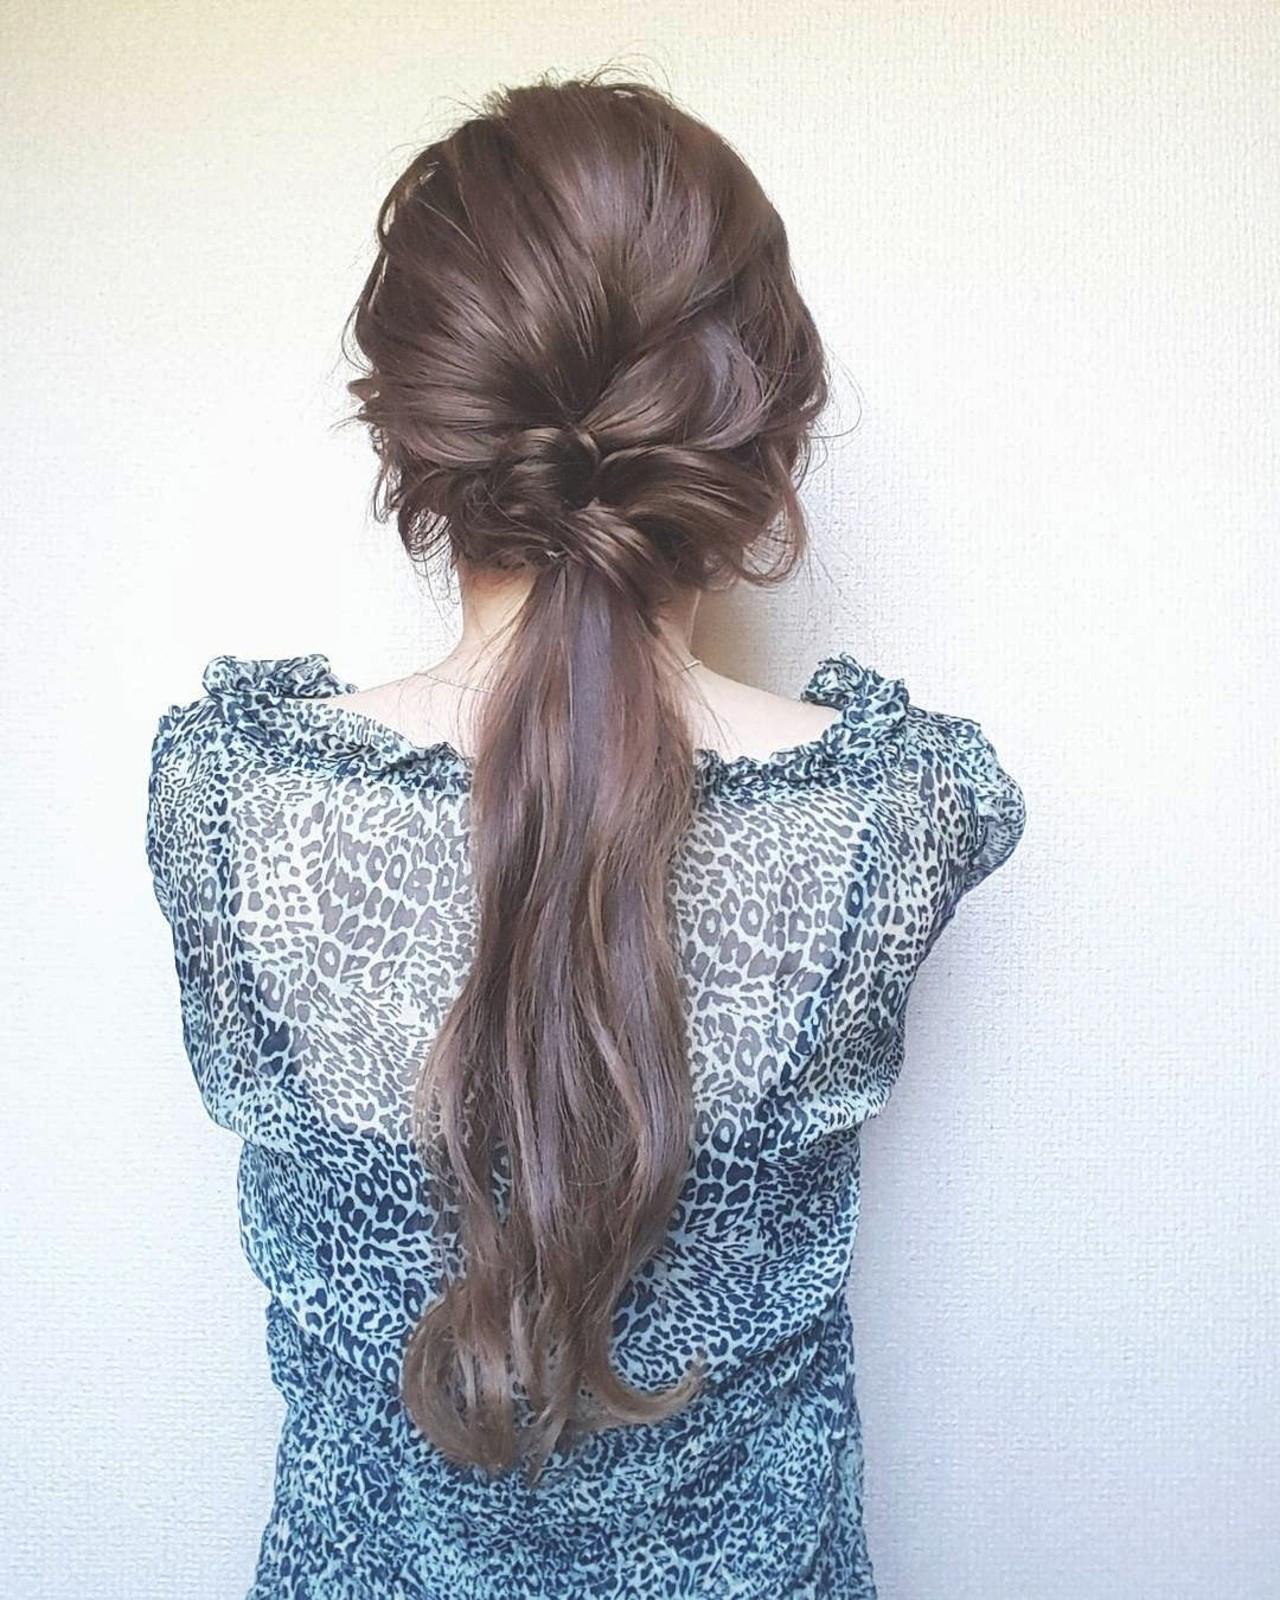 美しい髪をそのままに!ストレートヘアはポニーテールで iara.aya